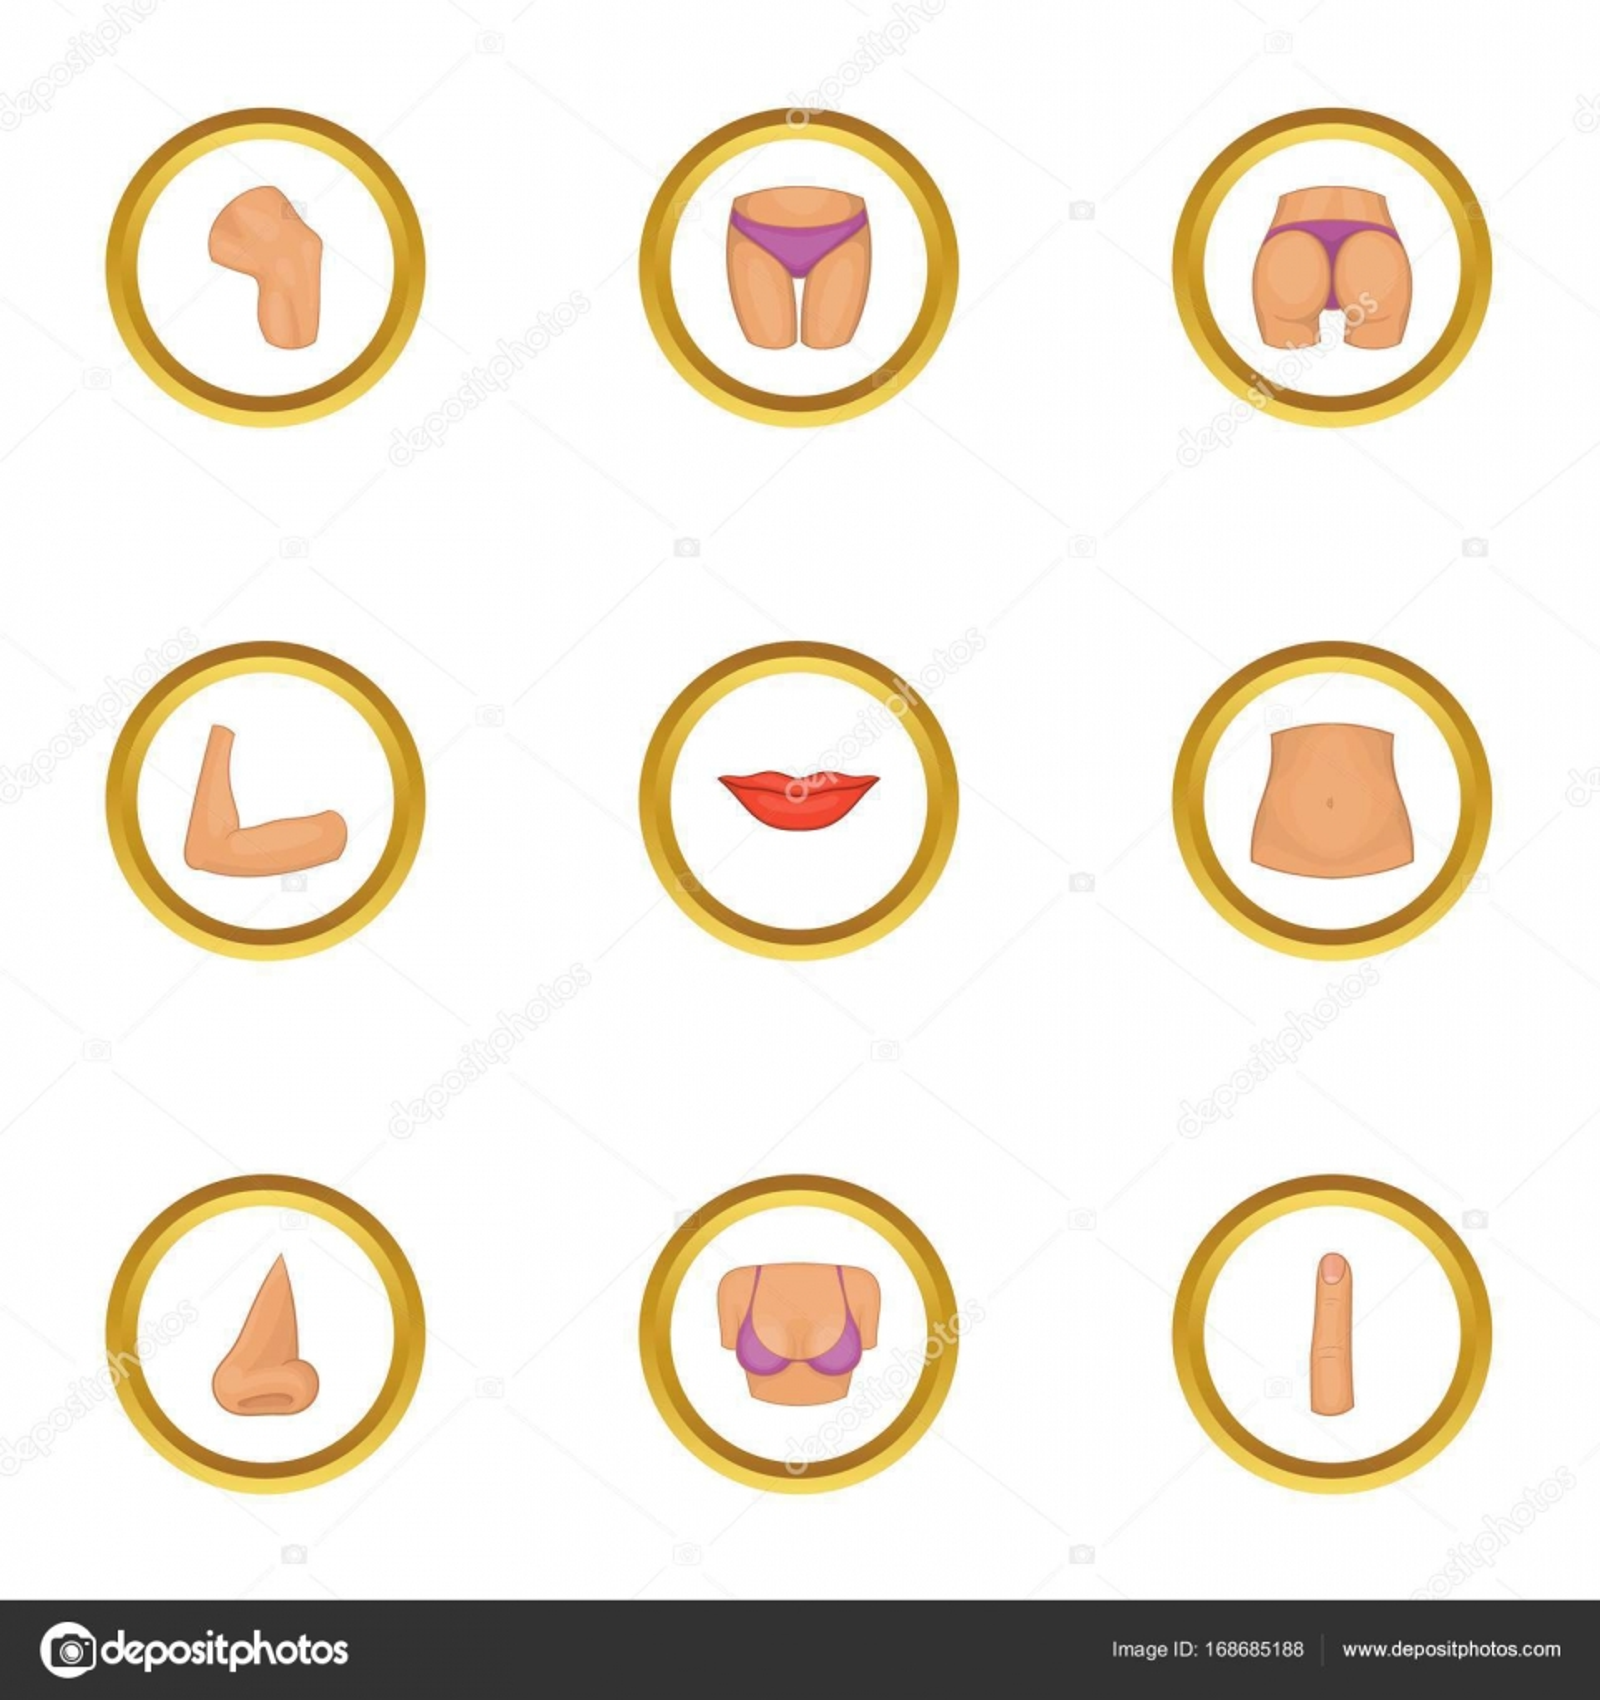 Partes del cuerpo humano sistema de iconos, estilo de dibujos ...